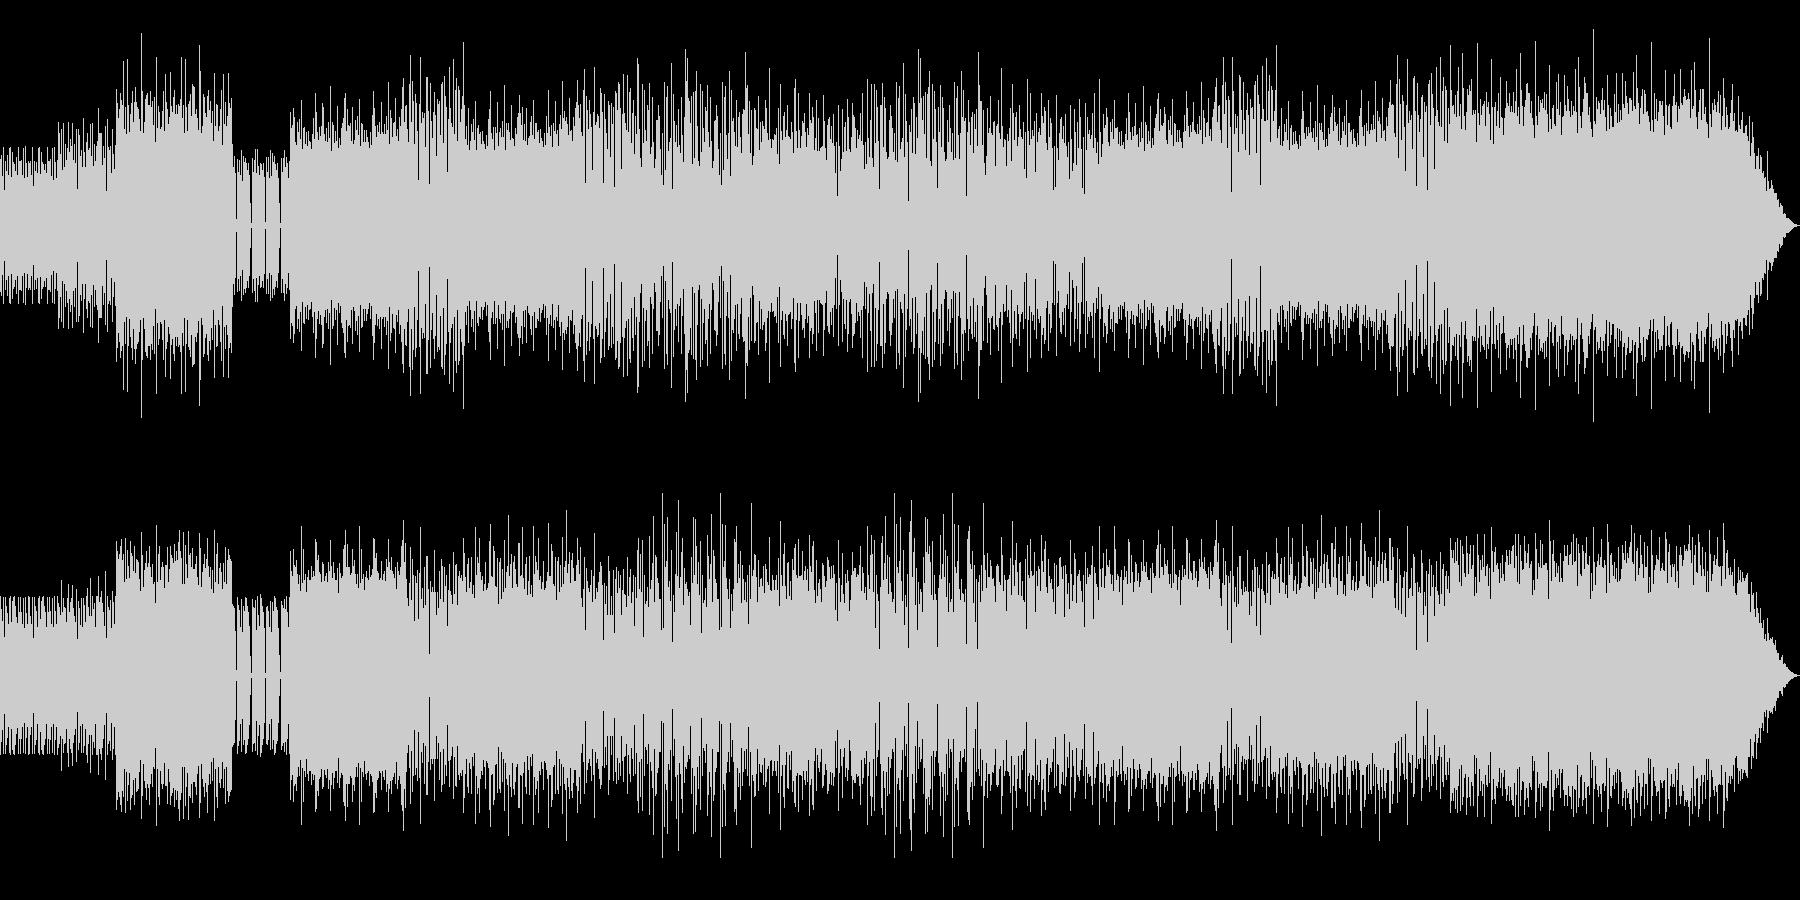 ヒップホップミクスチャーのラップ抜きの未再生の波形